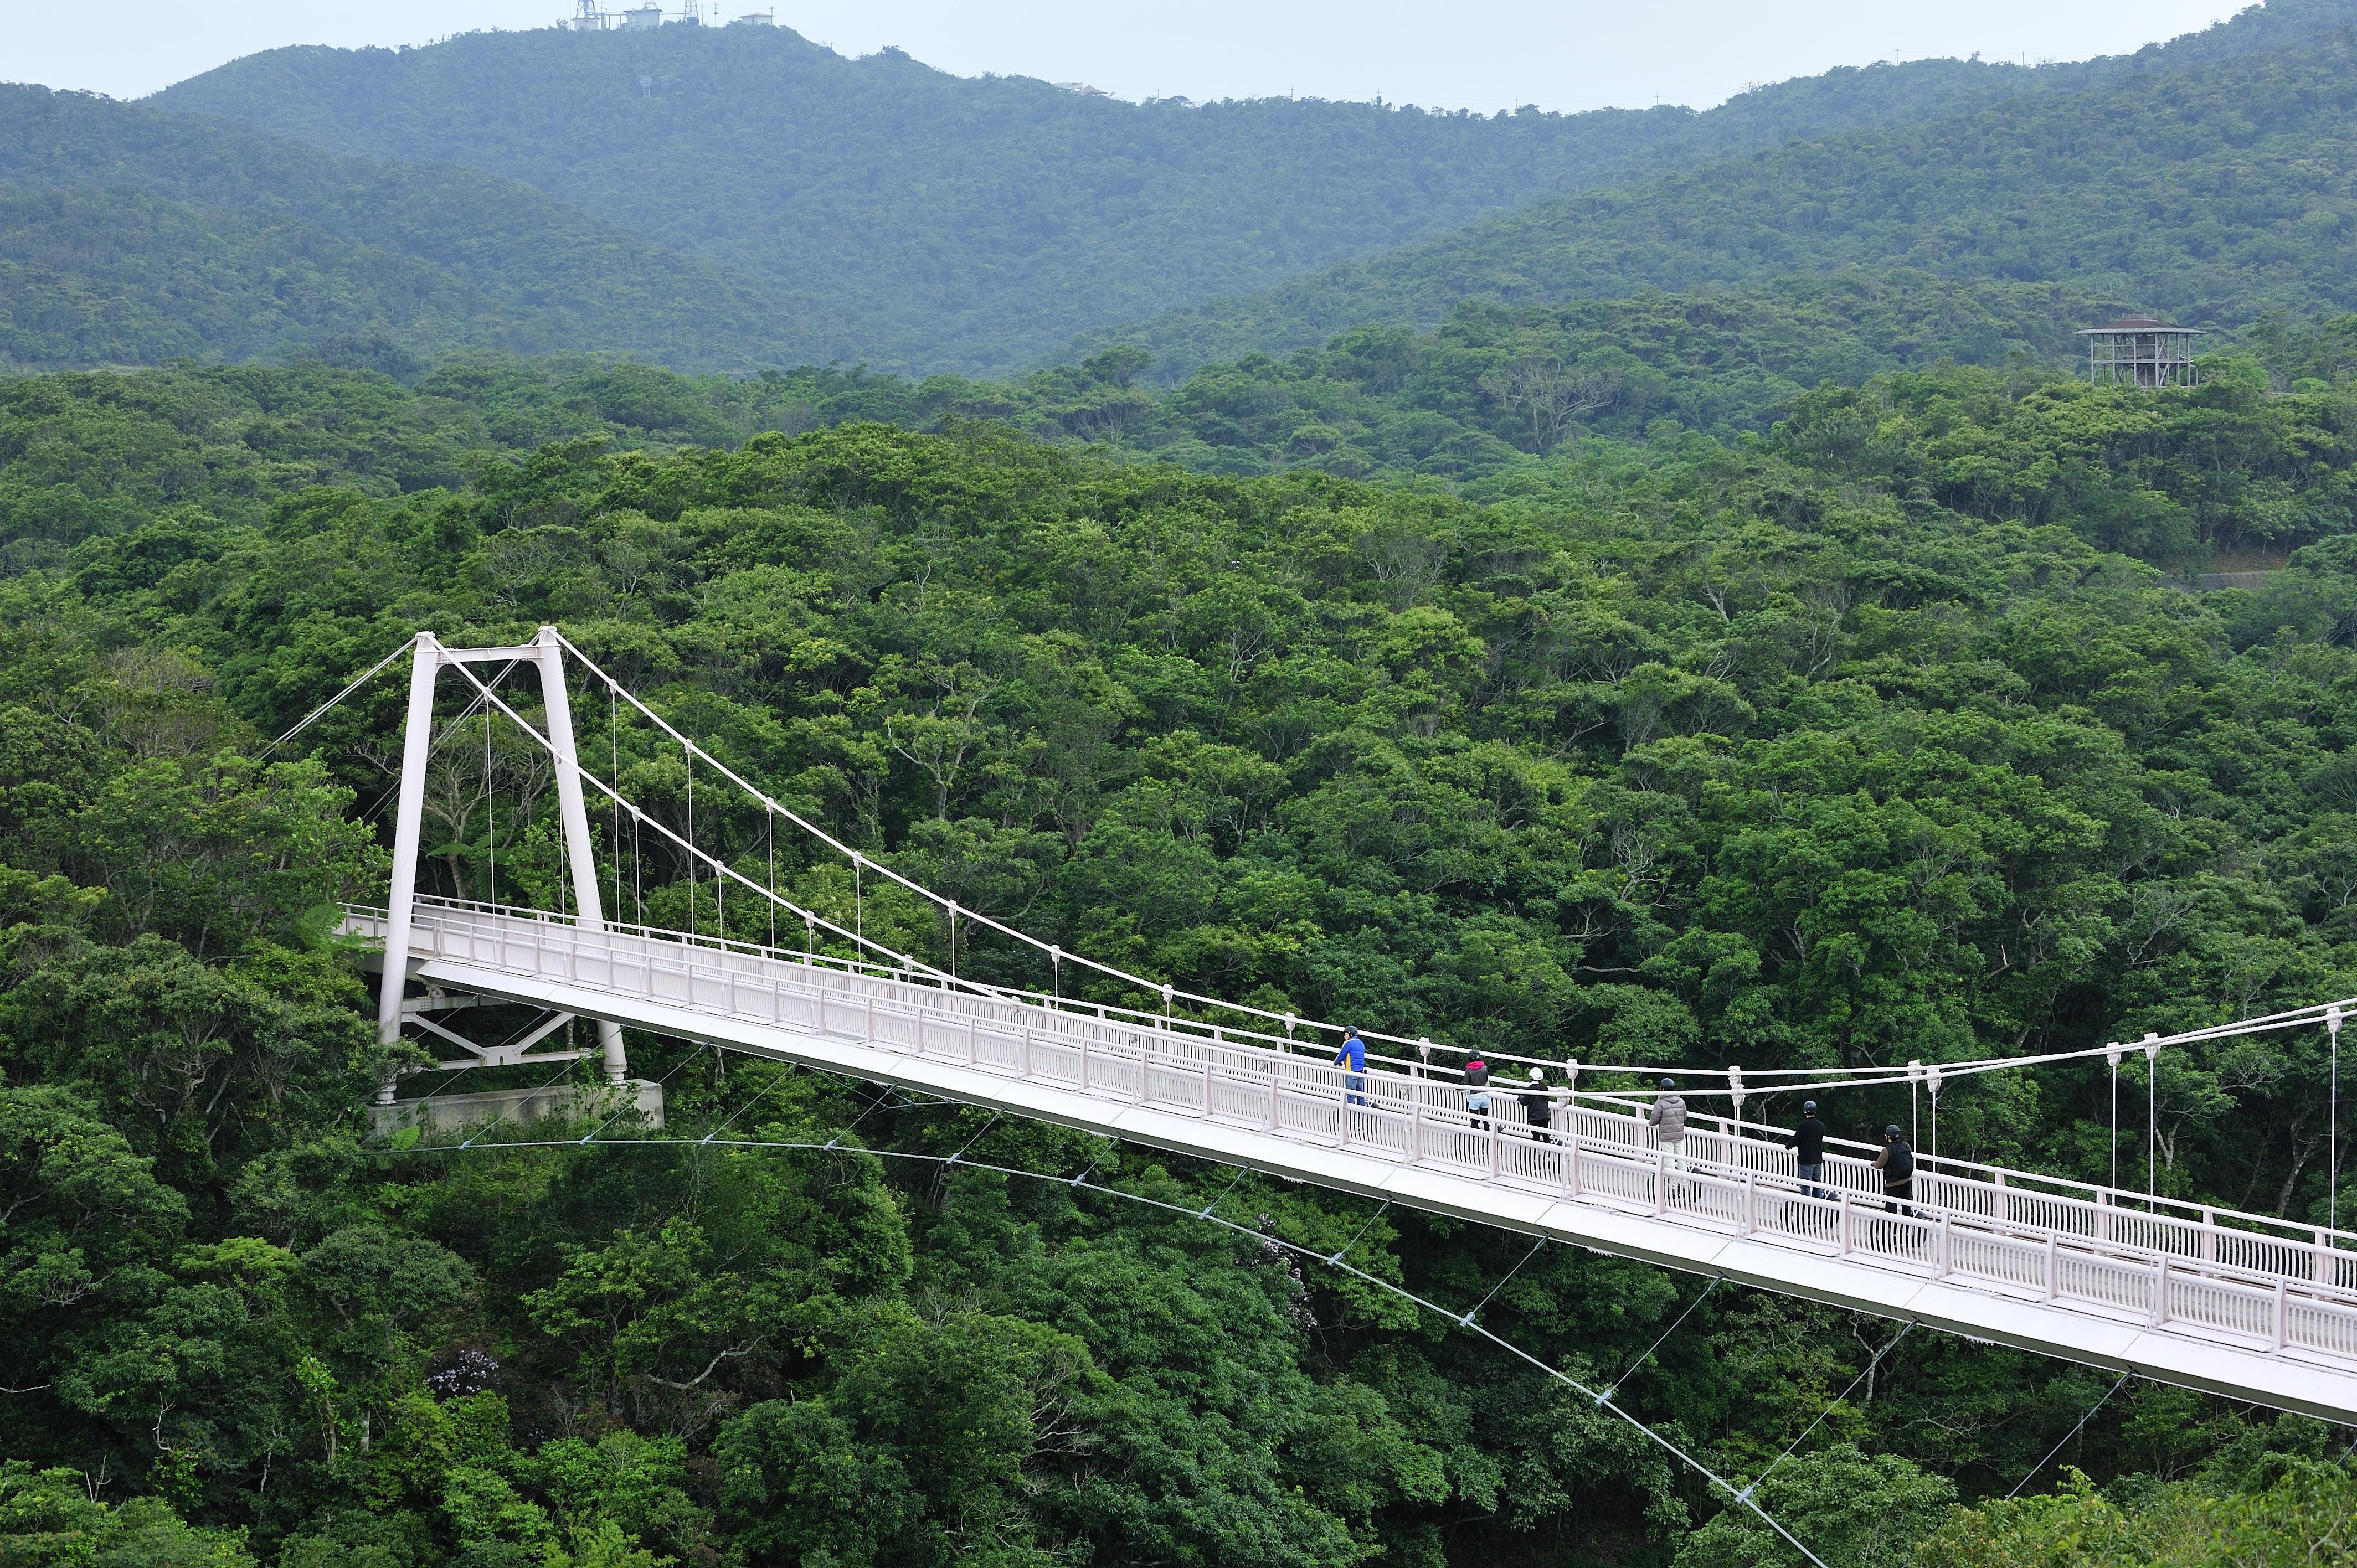 全長約100m、水面からの高さ約18mの「聖紫花の橋」。森とダム湖を一望できる眺望スポット